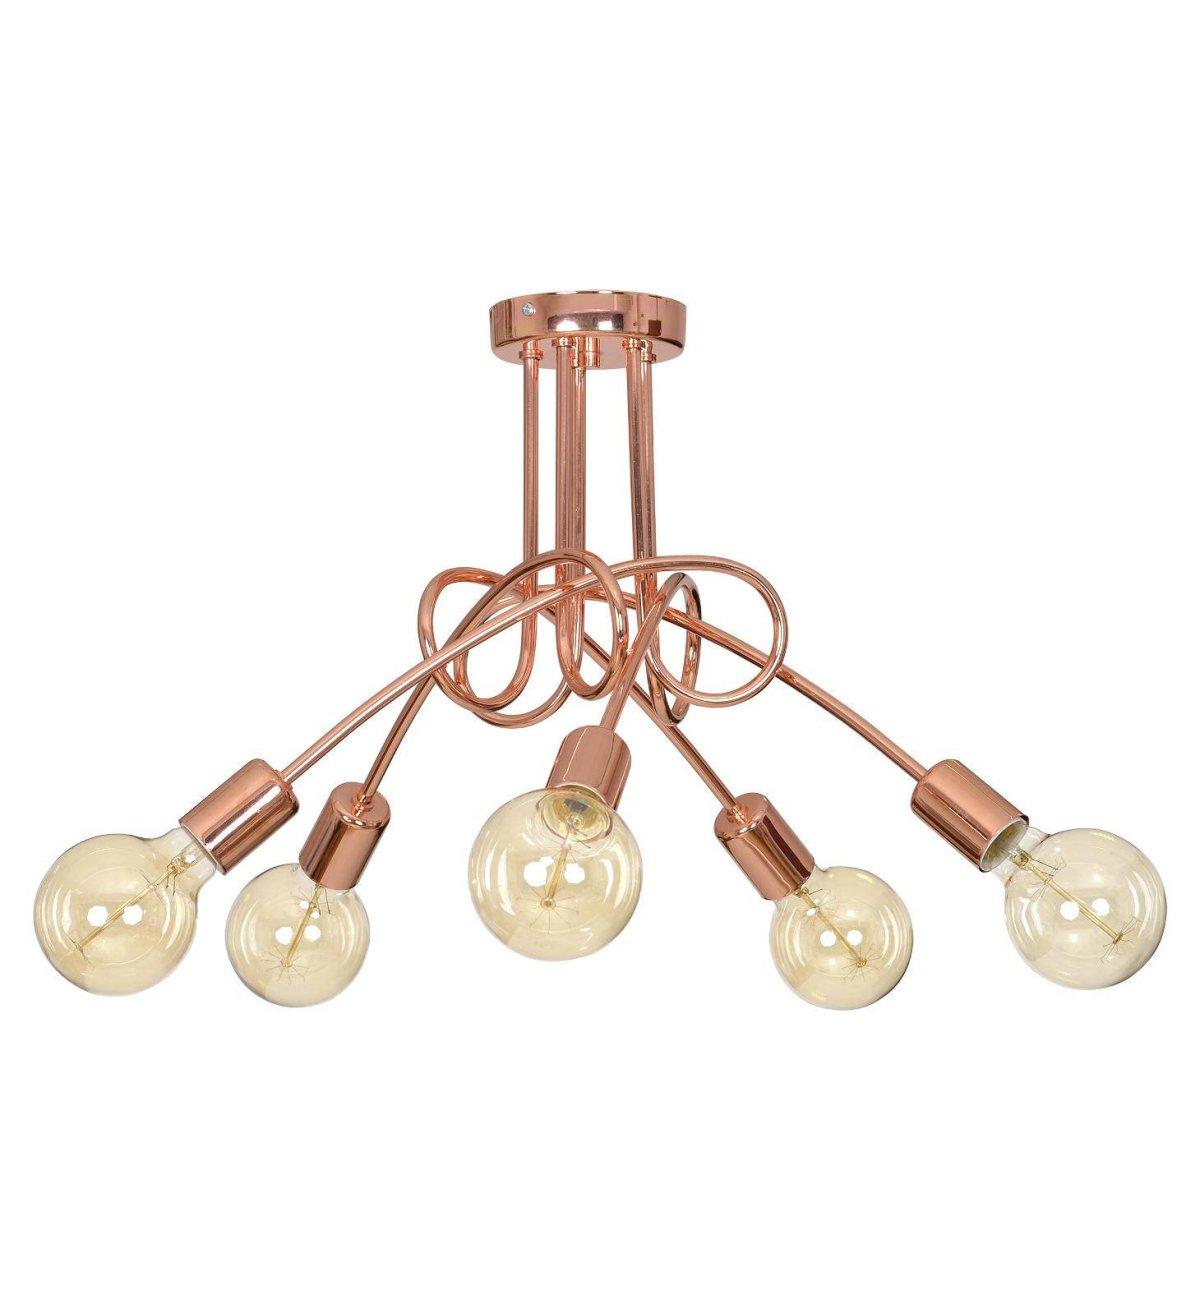 Oryginalna Lampa Loft Edison Miedziana Industrialna Sklep internetowy Light Home